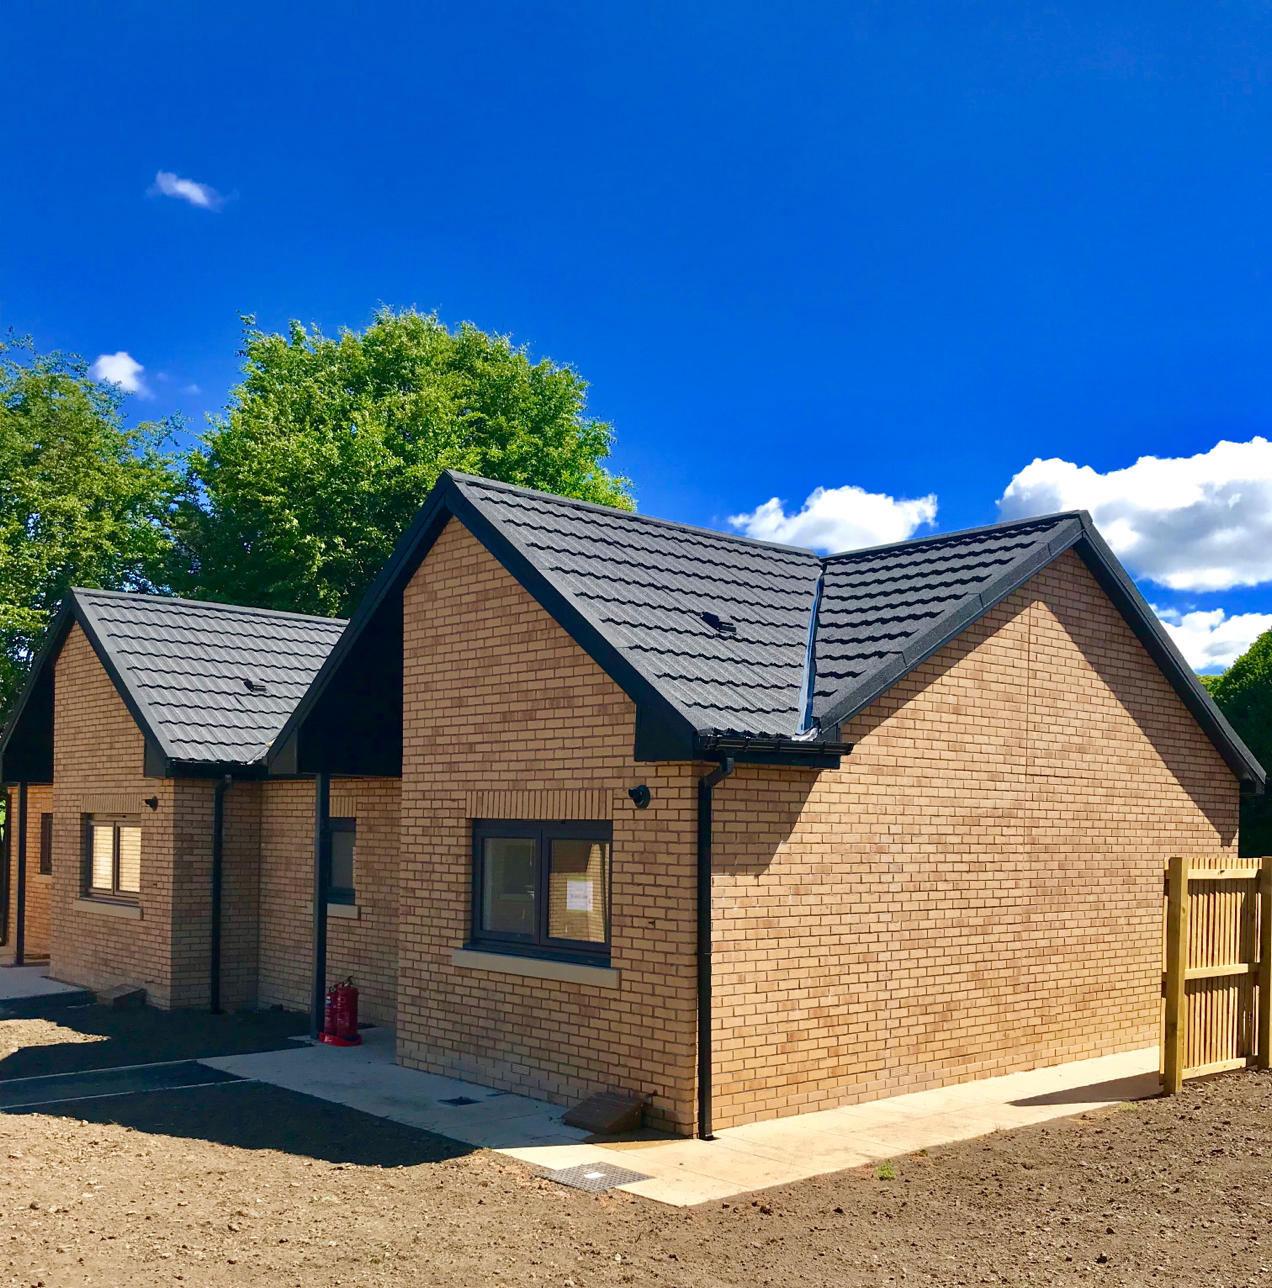 Housing 21 retirement living Modular Bungalows - External view - Ward Court